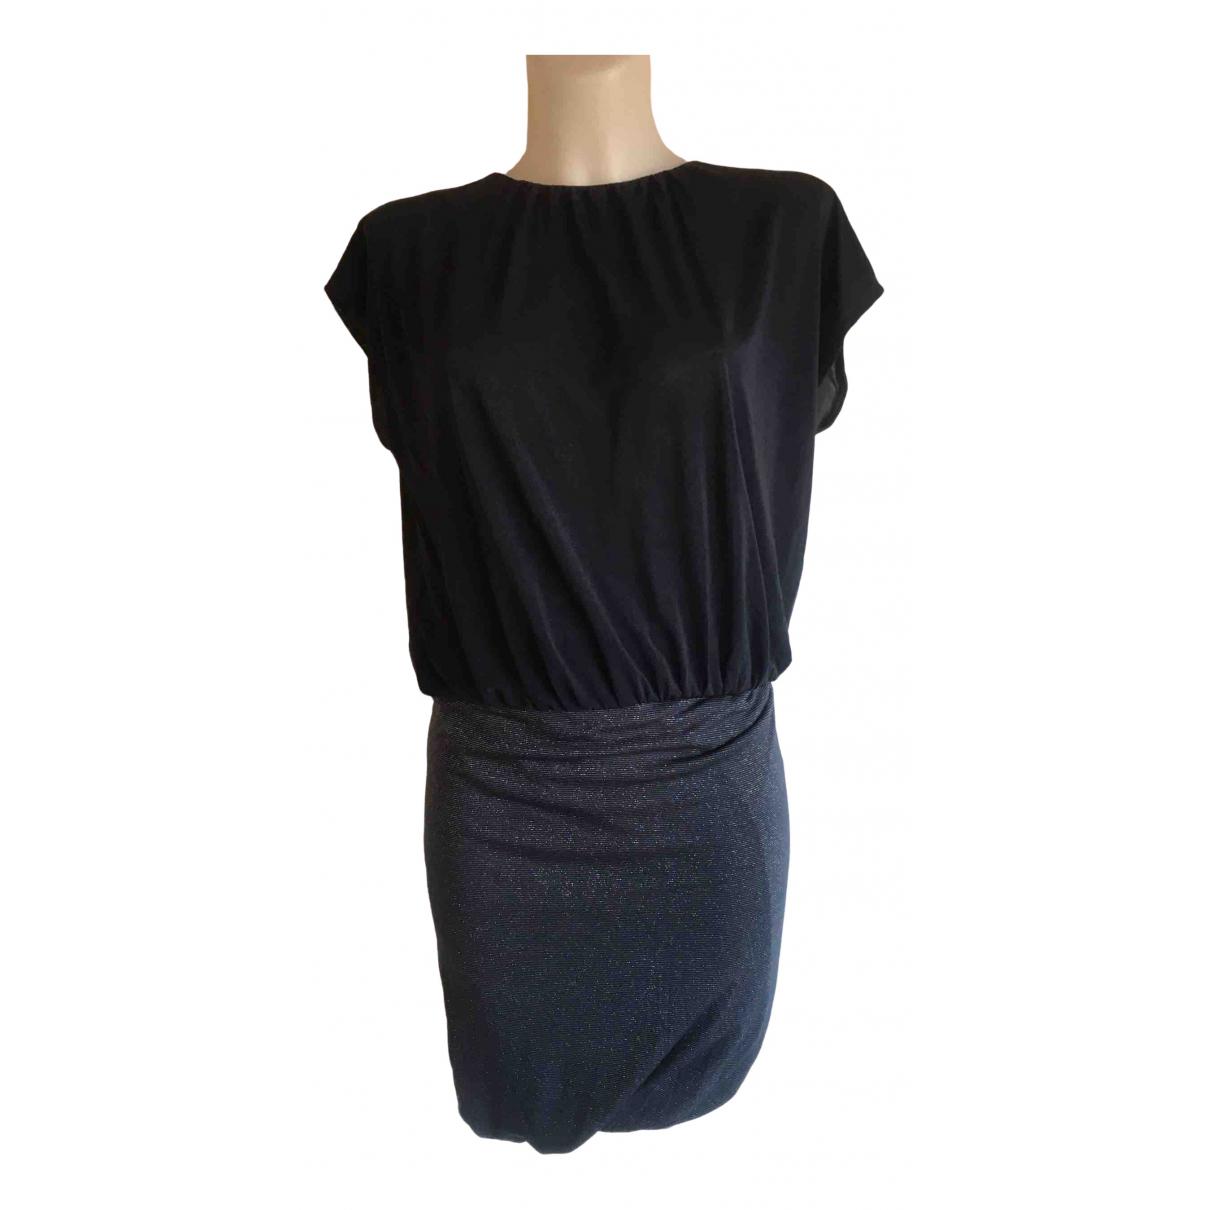 Day Birger & Mikkelsen \N Navy dress for Women XS International